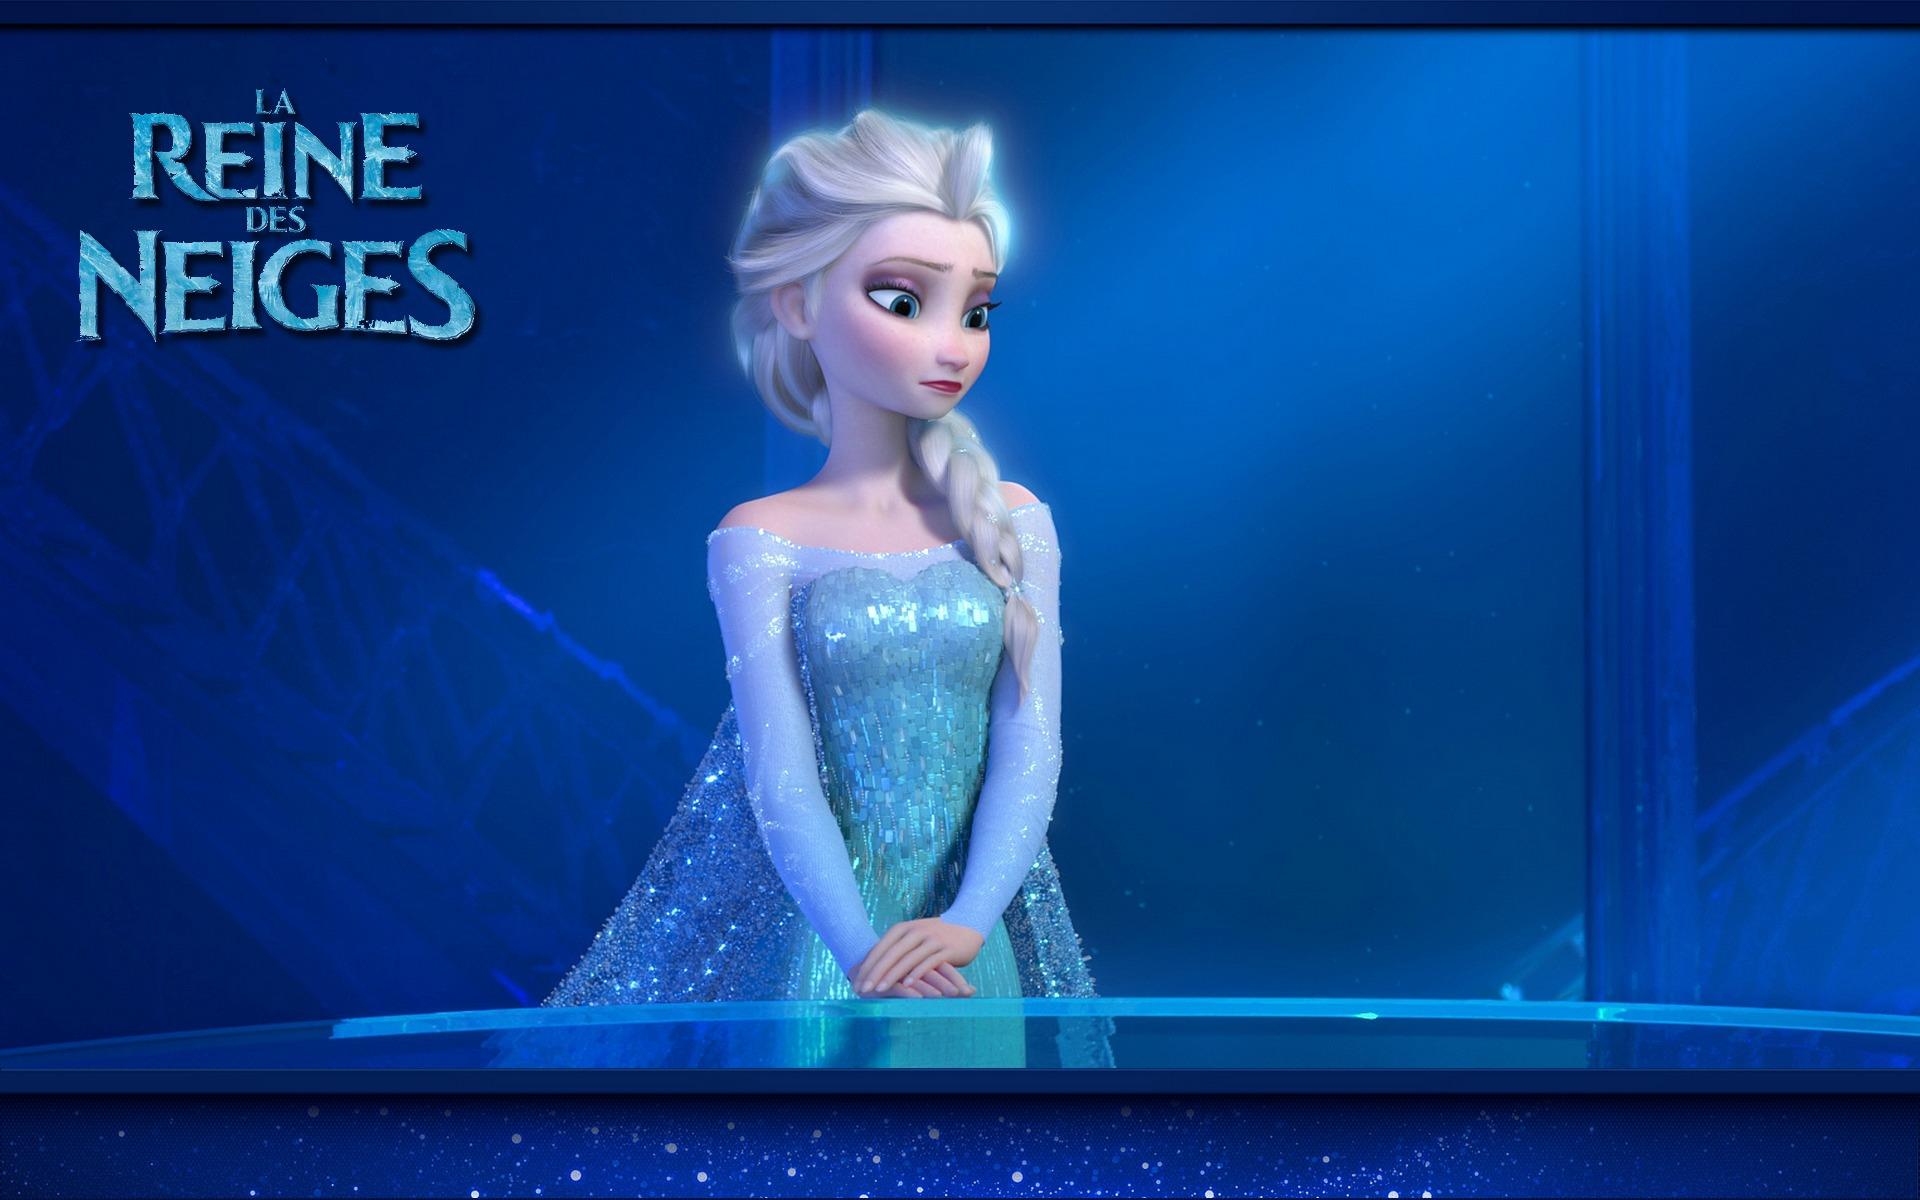 fond dcran elsa la reine des neiges fond dcran dessins anims